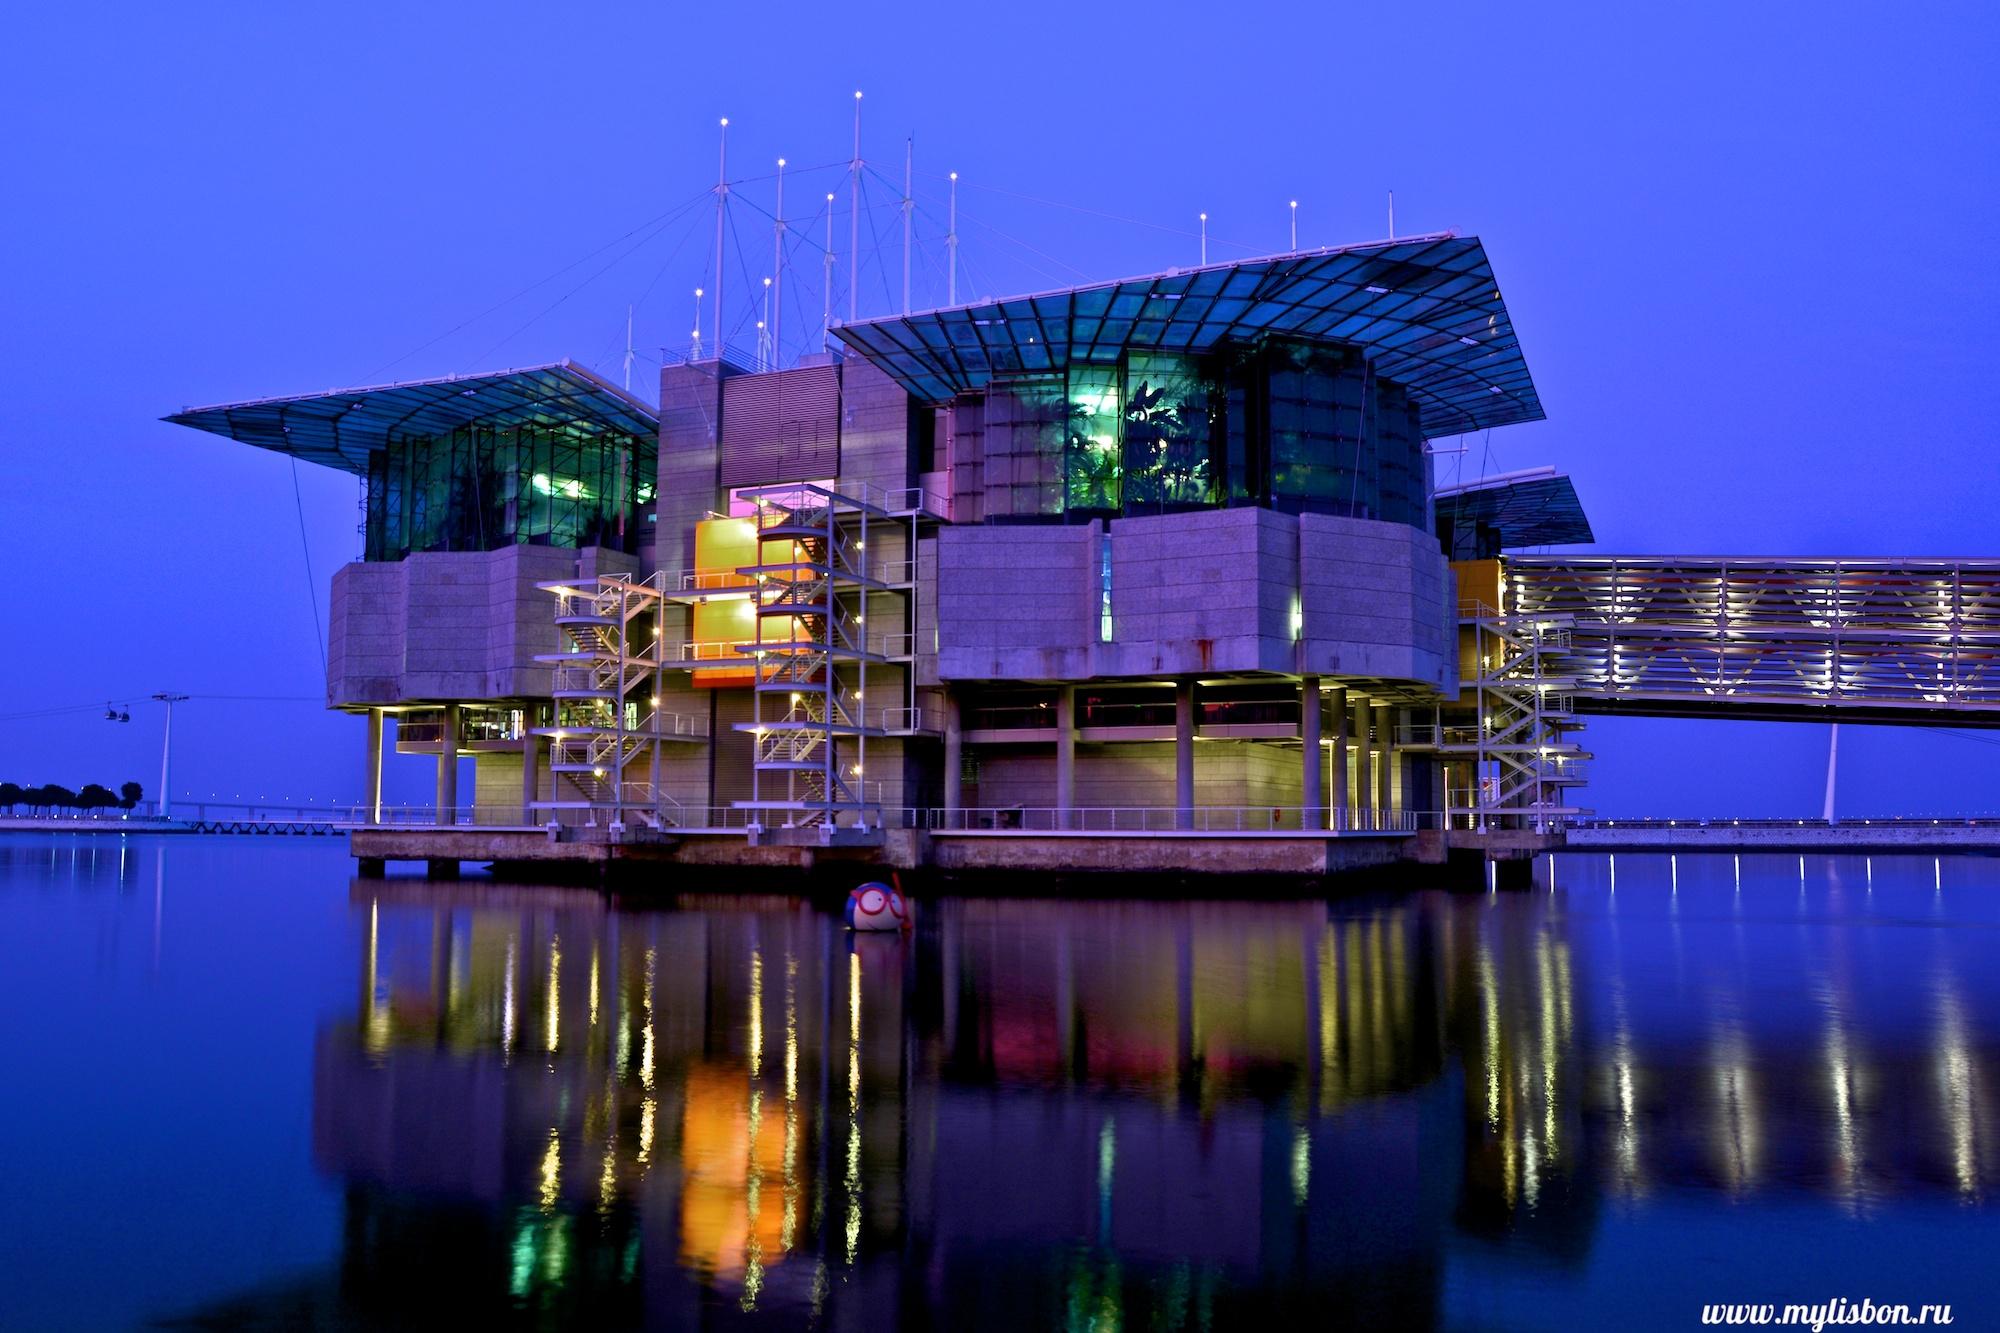 Oceanorium de Lisbonne - Photo flickr de Pavel Arzhakov